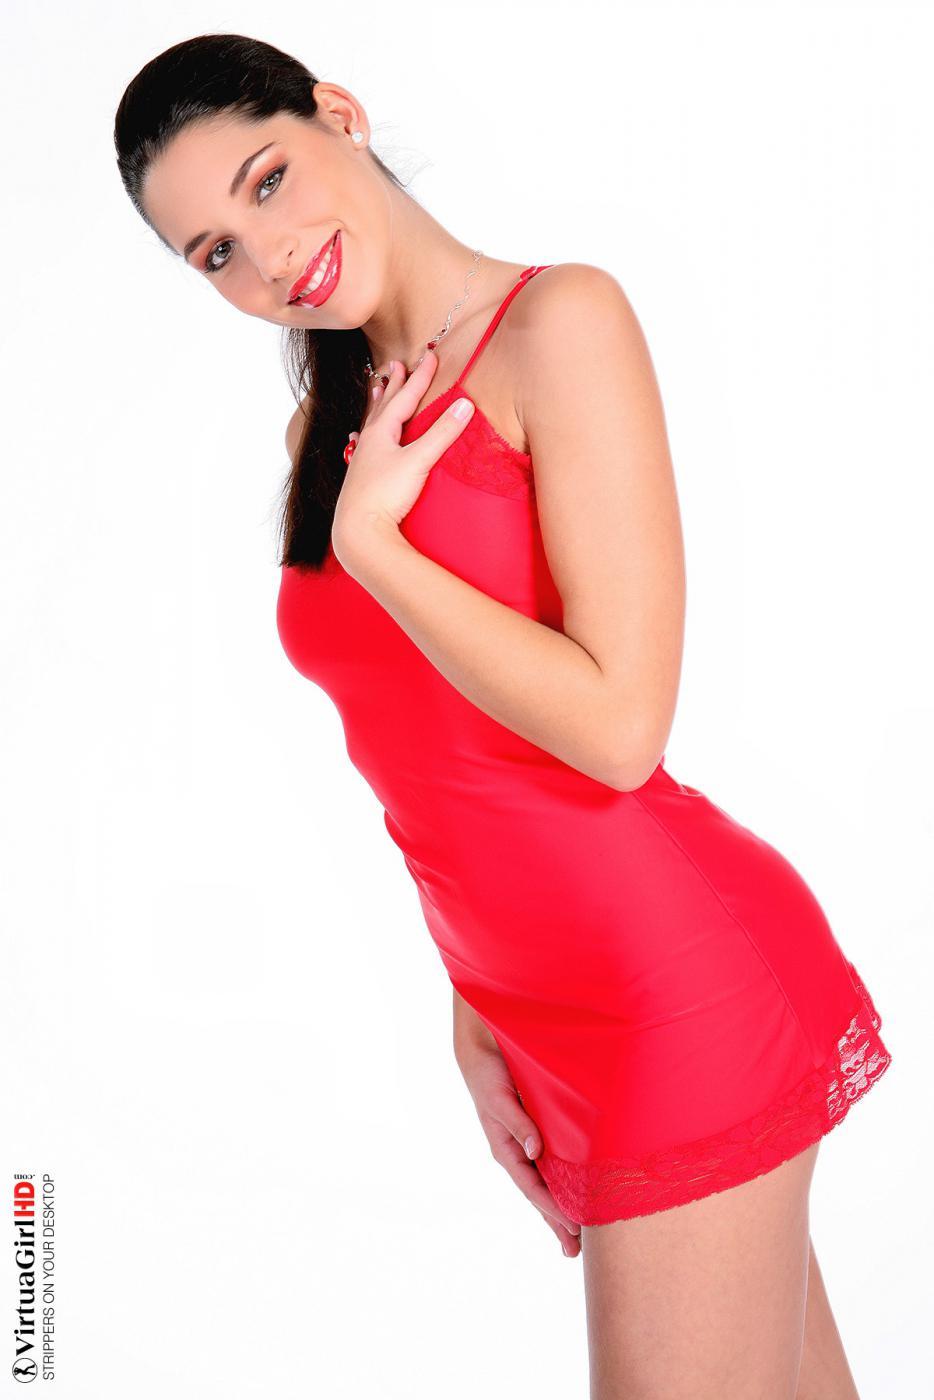 Грудастая брюнеточка Zafira спускает свое красное платье и снимается полностью голой